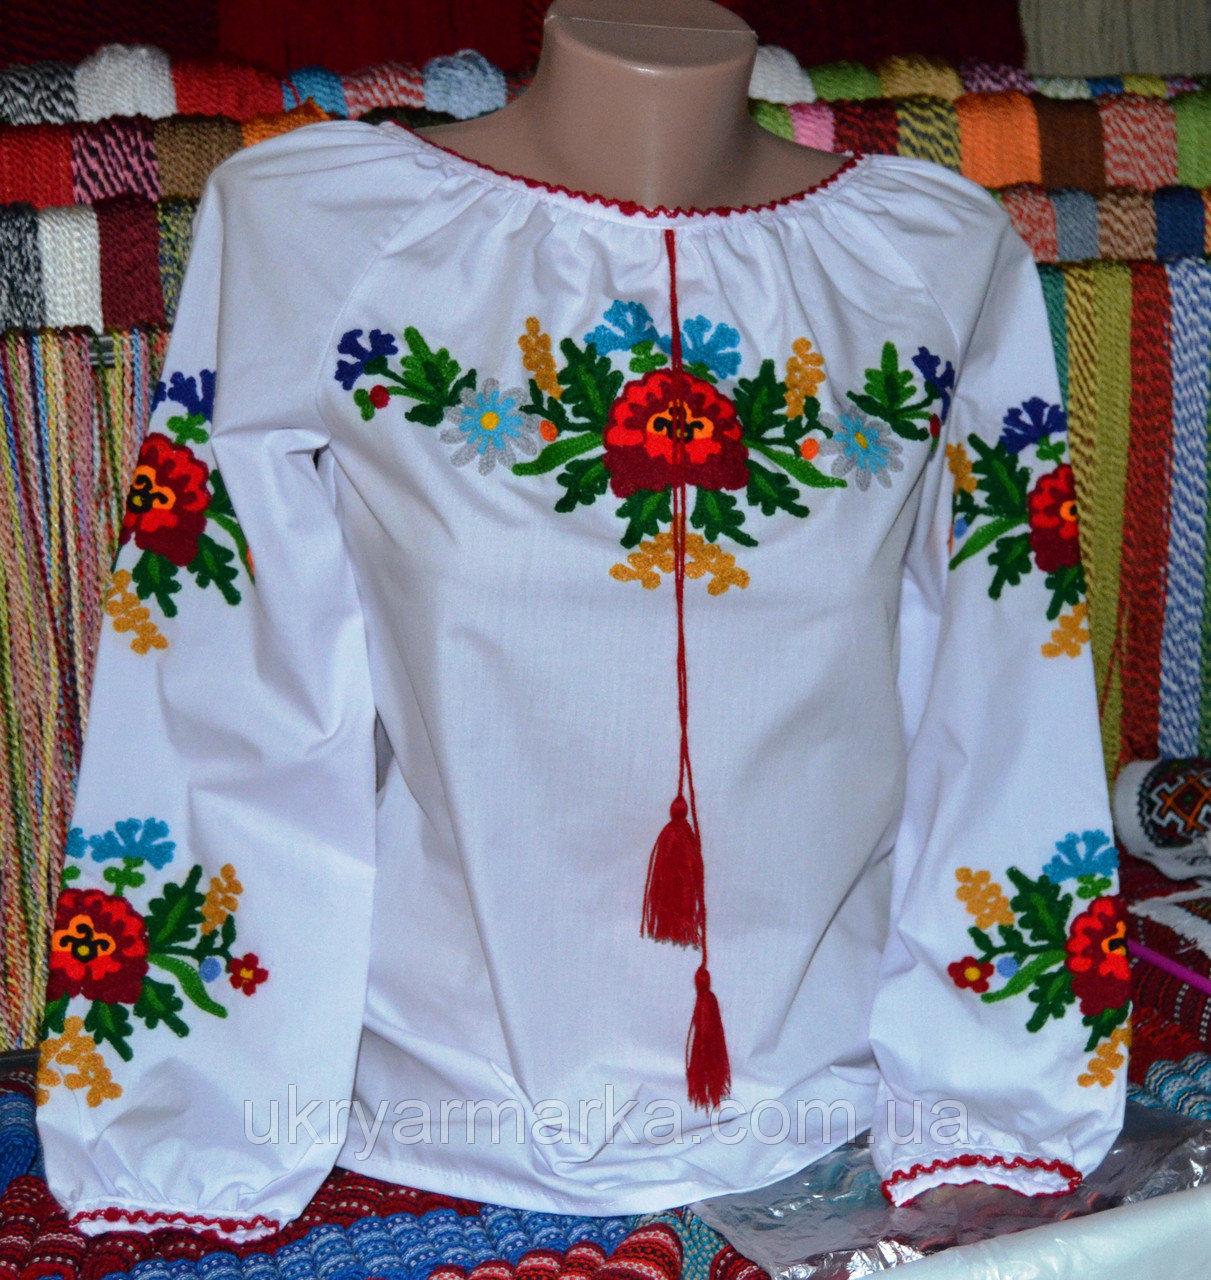 Купити вишиту блузку - Оголошення - Вишиванки ручної роботи від ... 7690df25cd36c